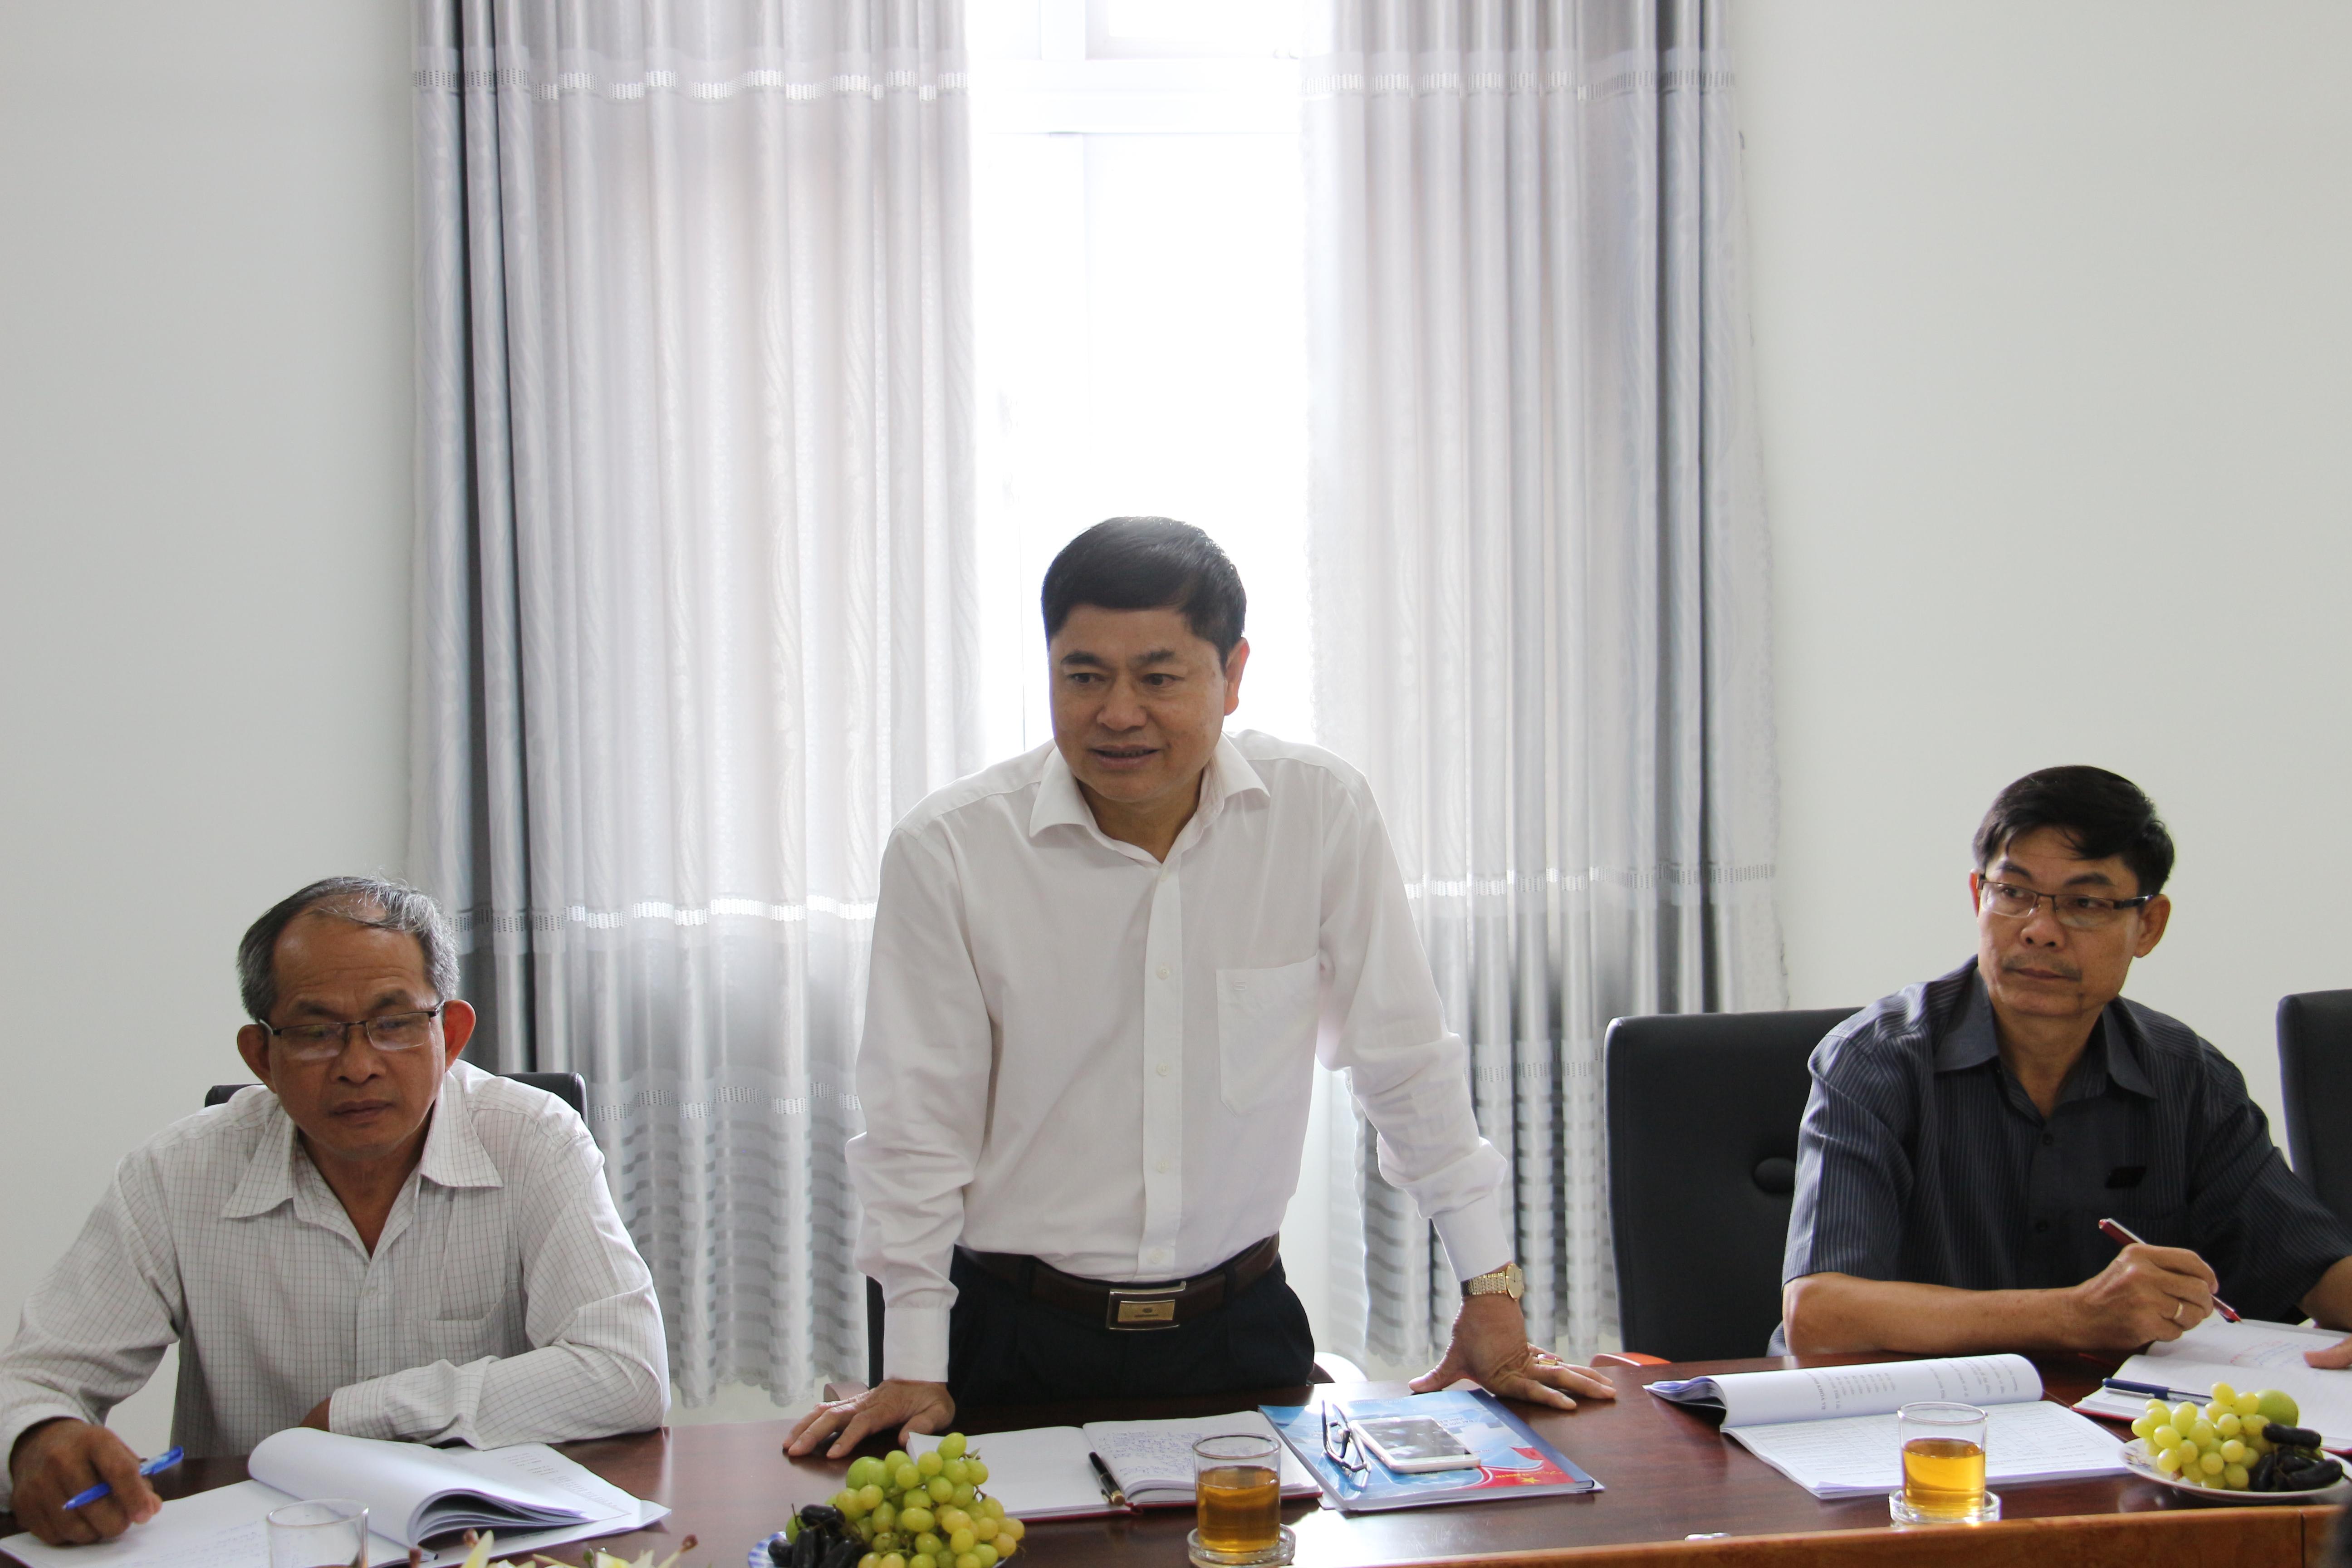 Trung ương Hội LHTN Việt Nam duyệt hồ sơ Đại hội Hội LHTN Việt Nam tỉnh Đắk Lắk lần thứ VIII, nhiệm kỳ 2019 – 2024